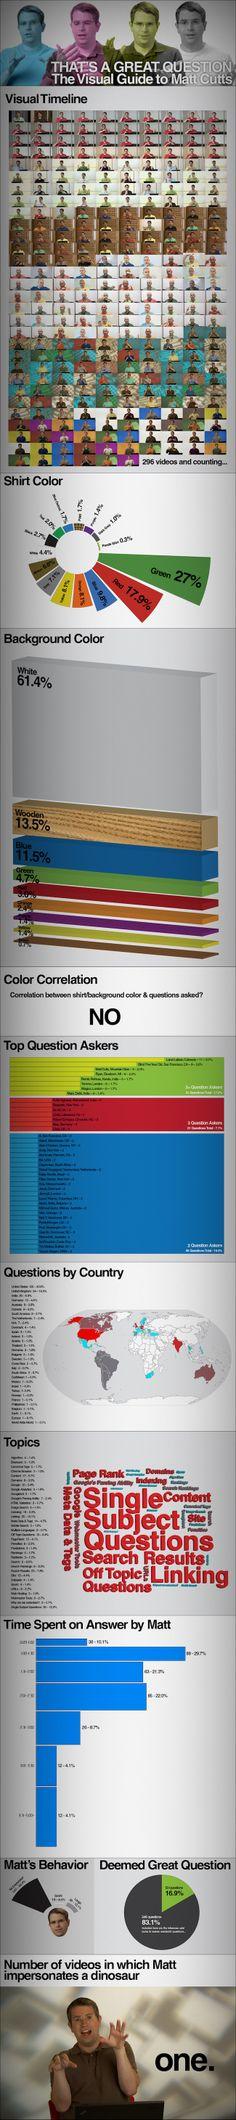 infographie : Matt Cutts #SEO : analyse par la couleur du tshirt !